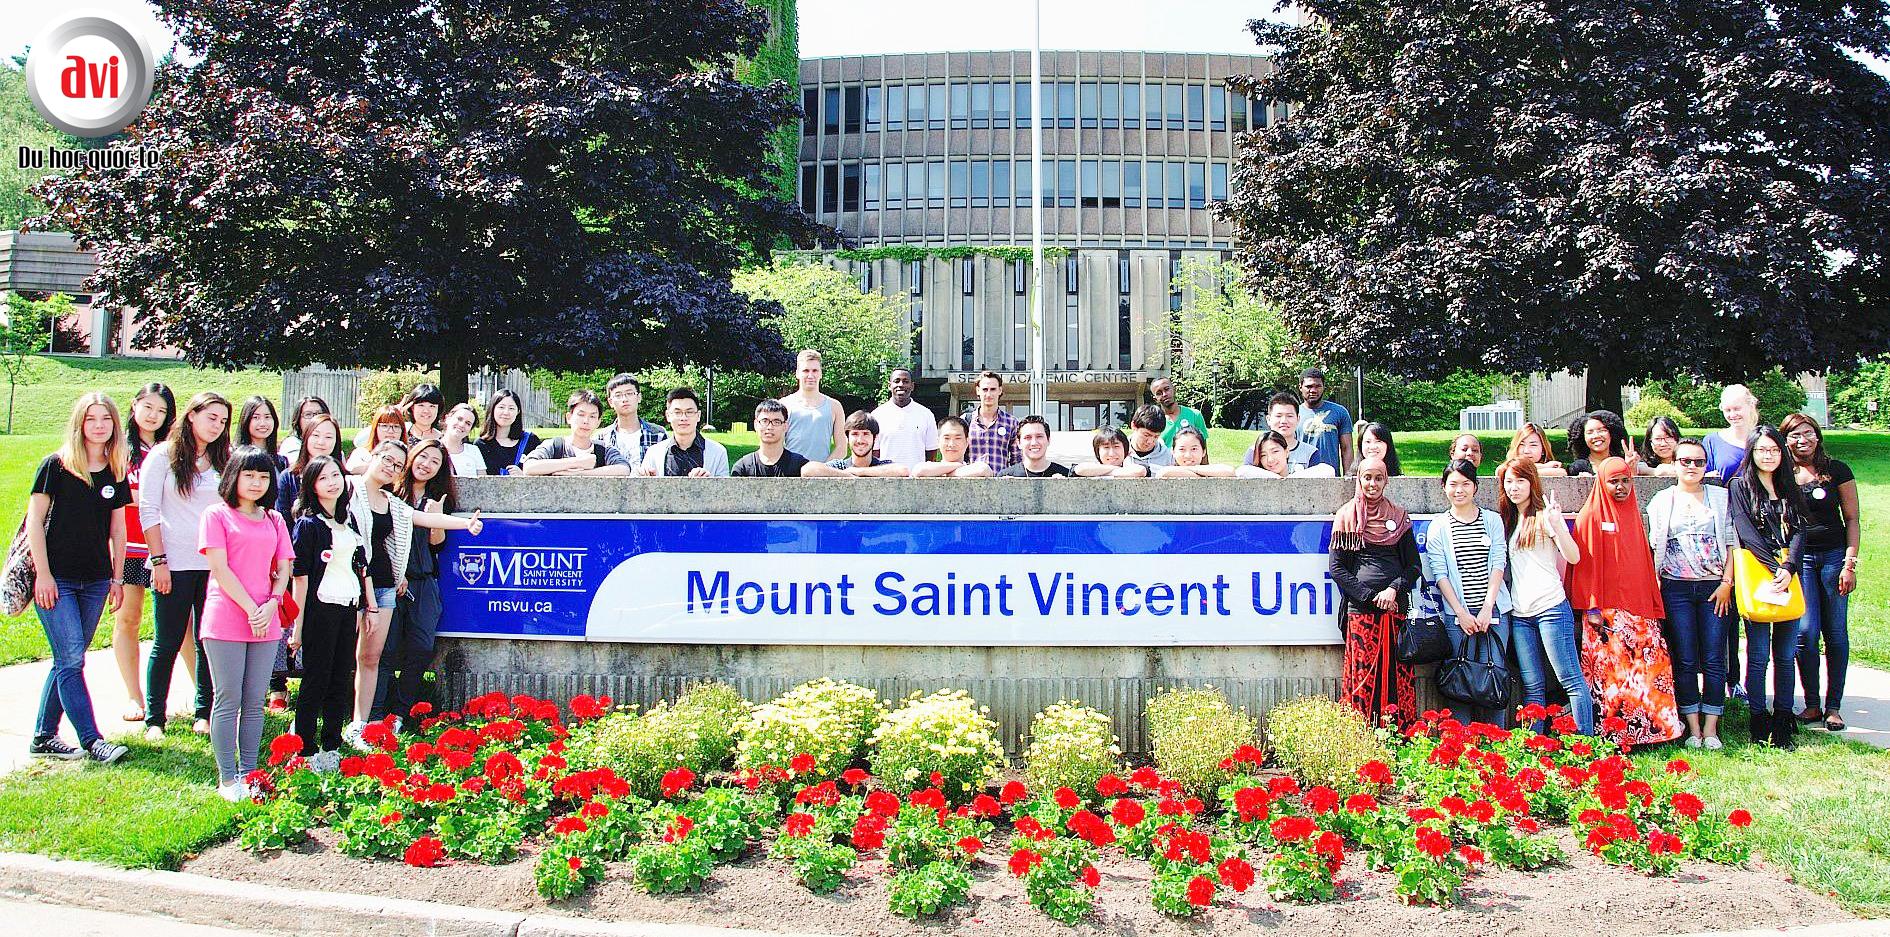 Chuyên ngành đào tạo Mount Saint Vincent